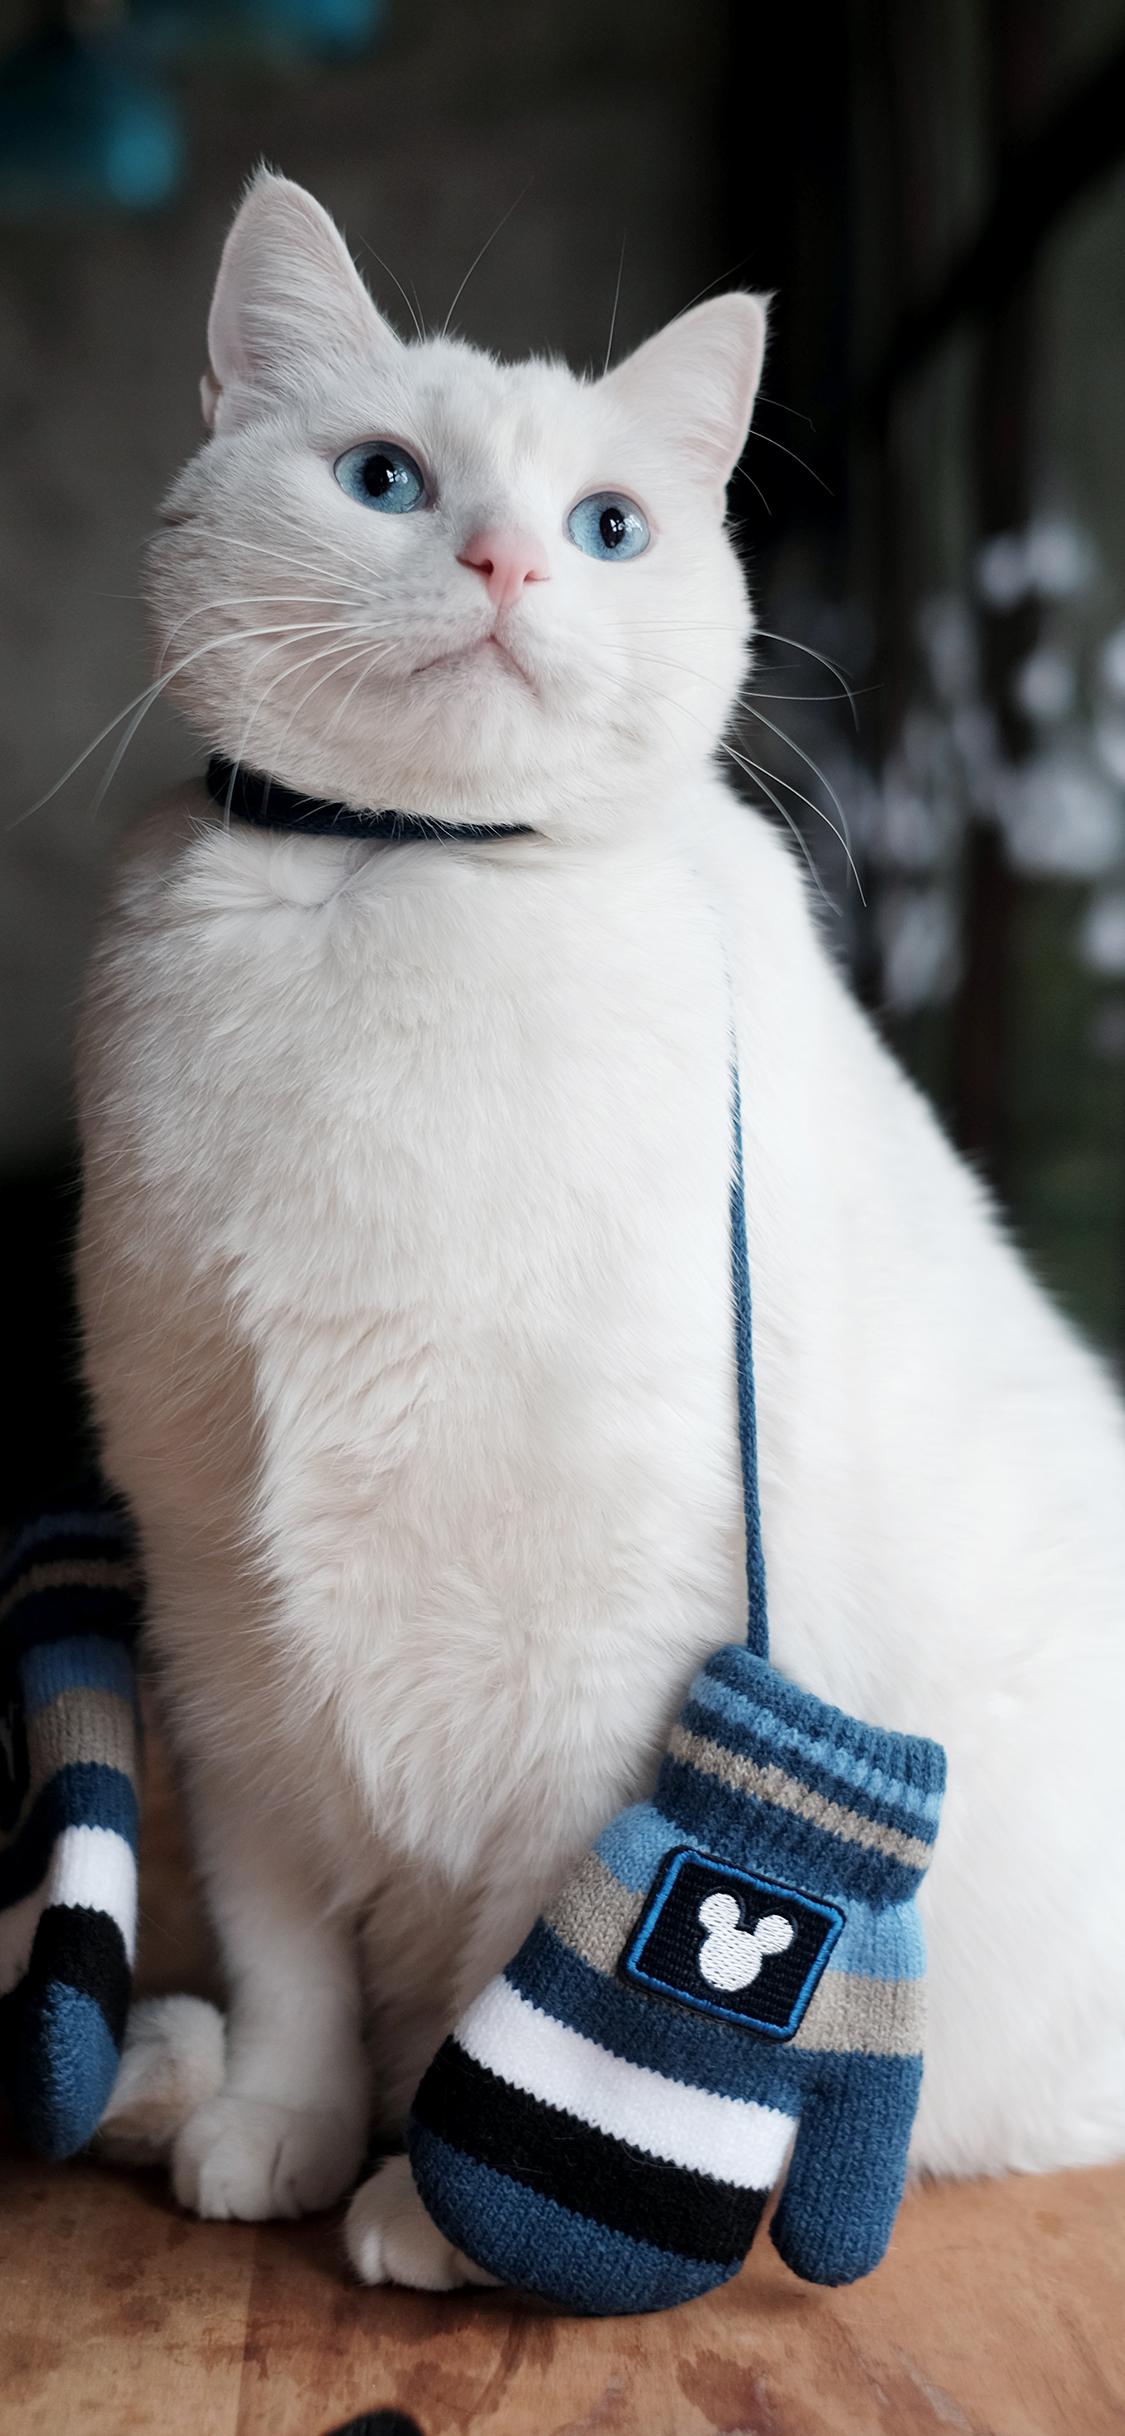 白猫 猫咪 可爱 萌宠 喵星人